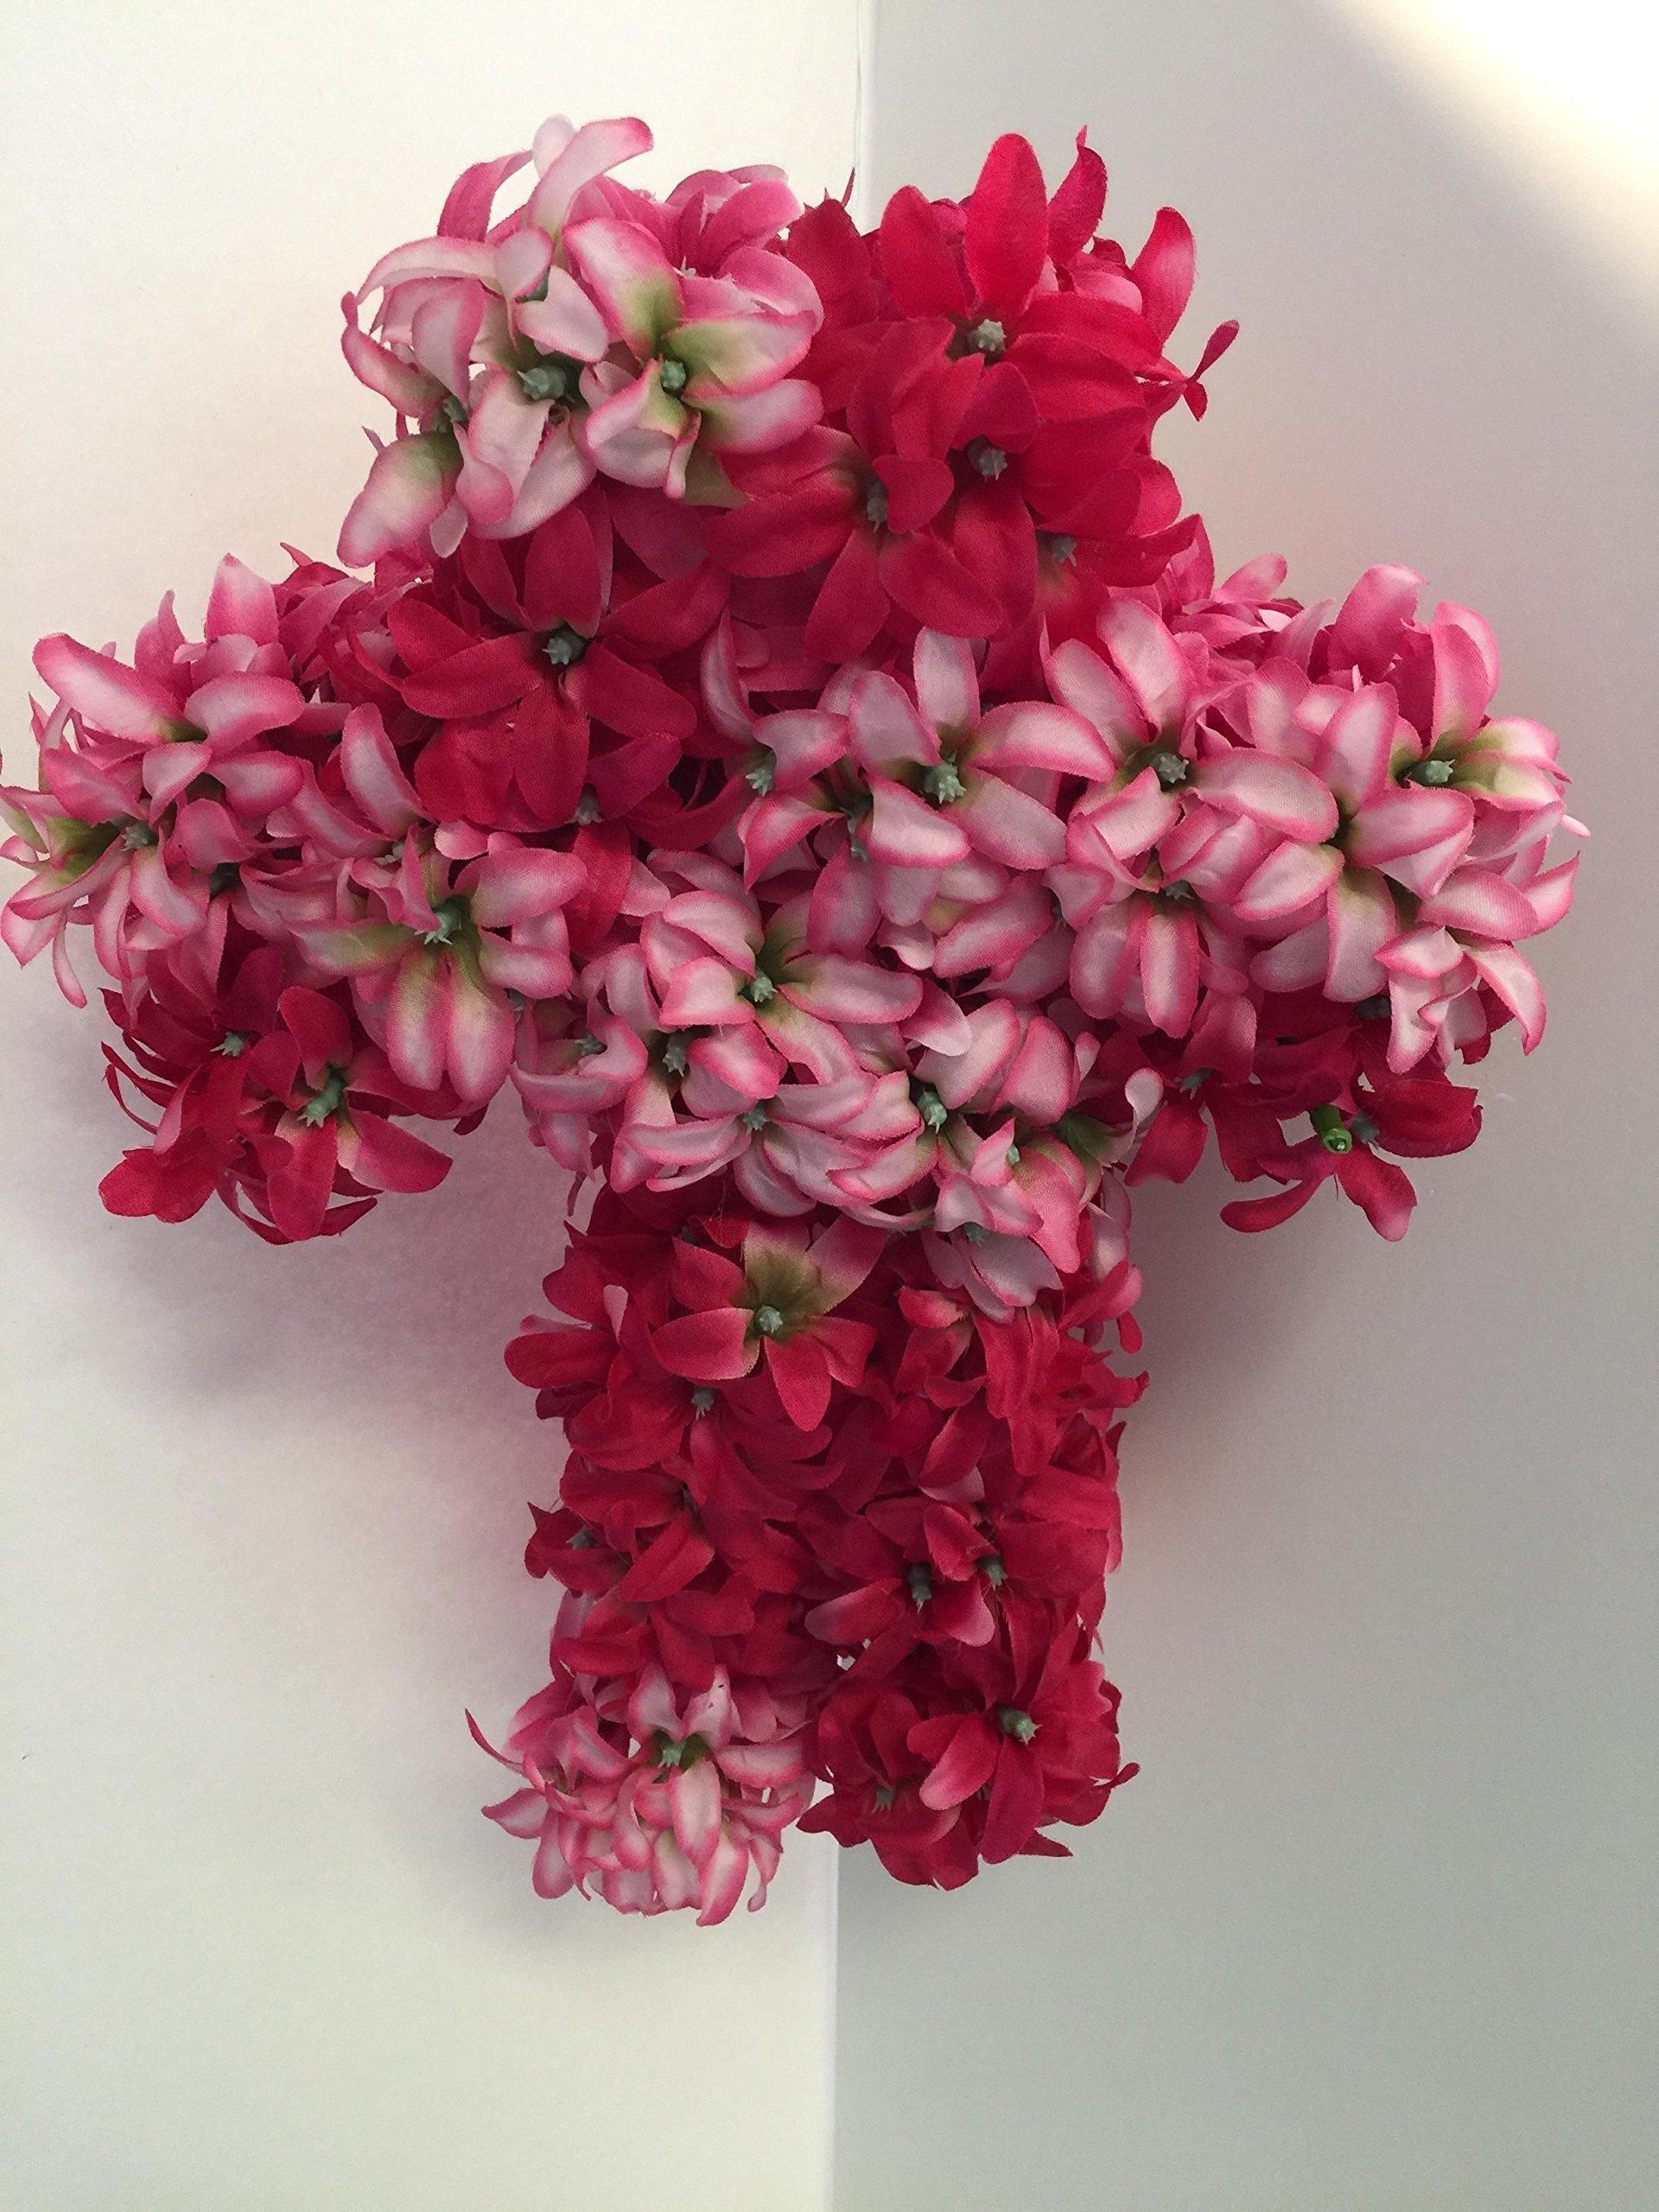 Large Cross Wall Decor - Pink/White Hyacinths